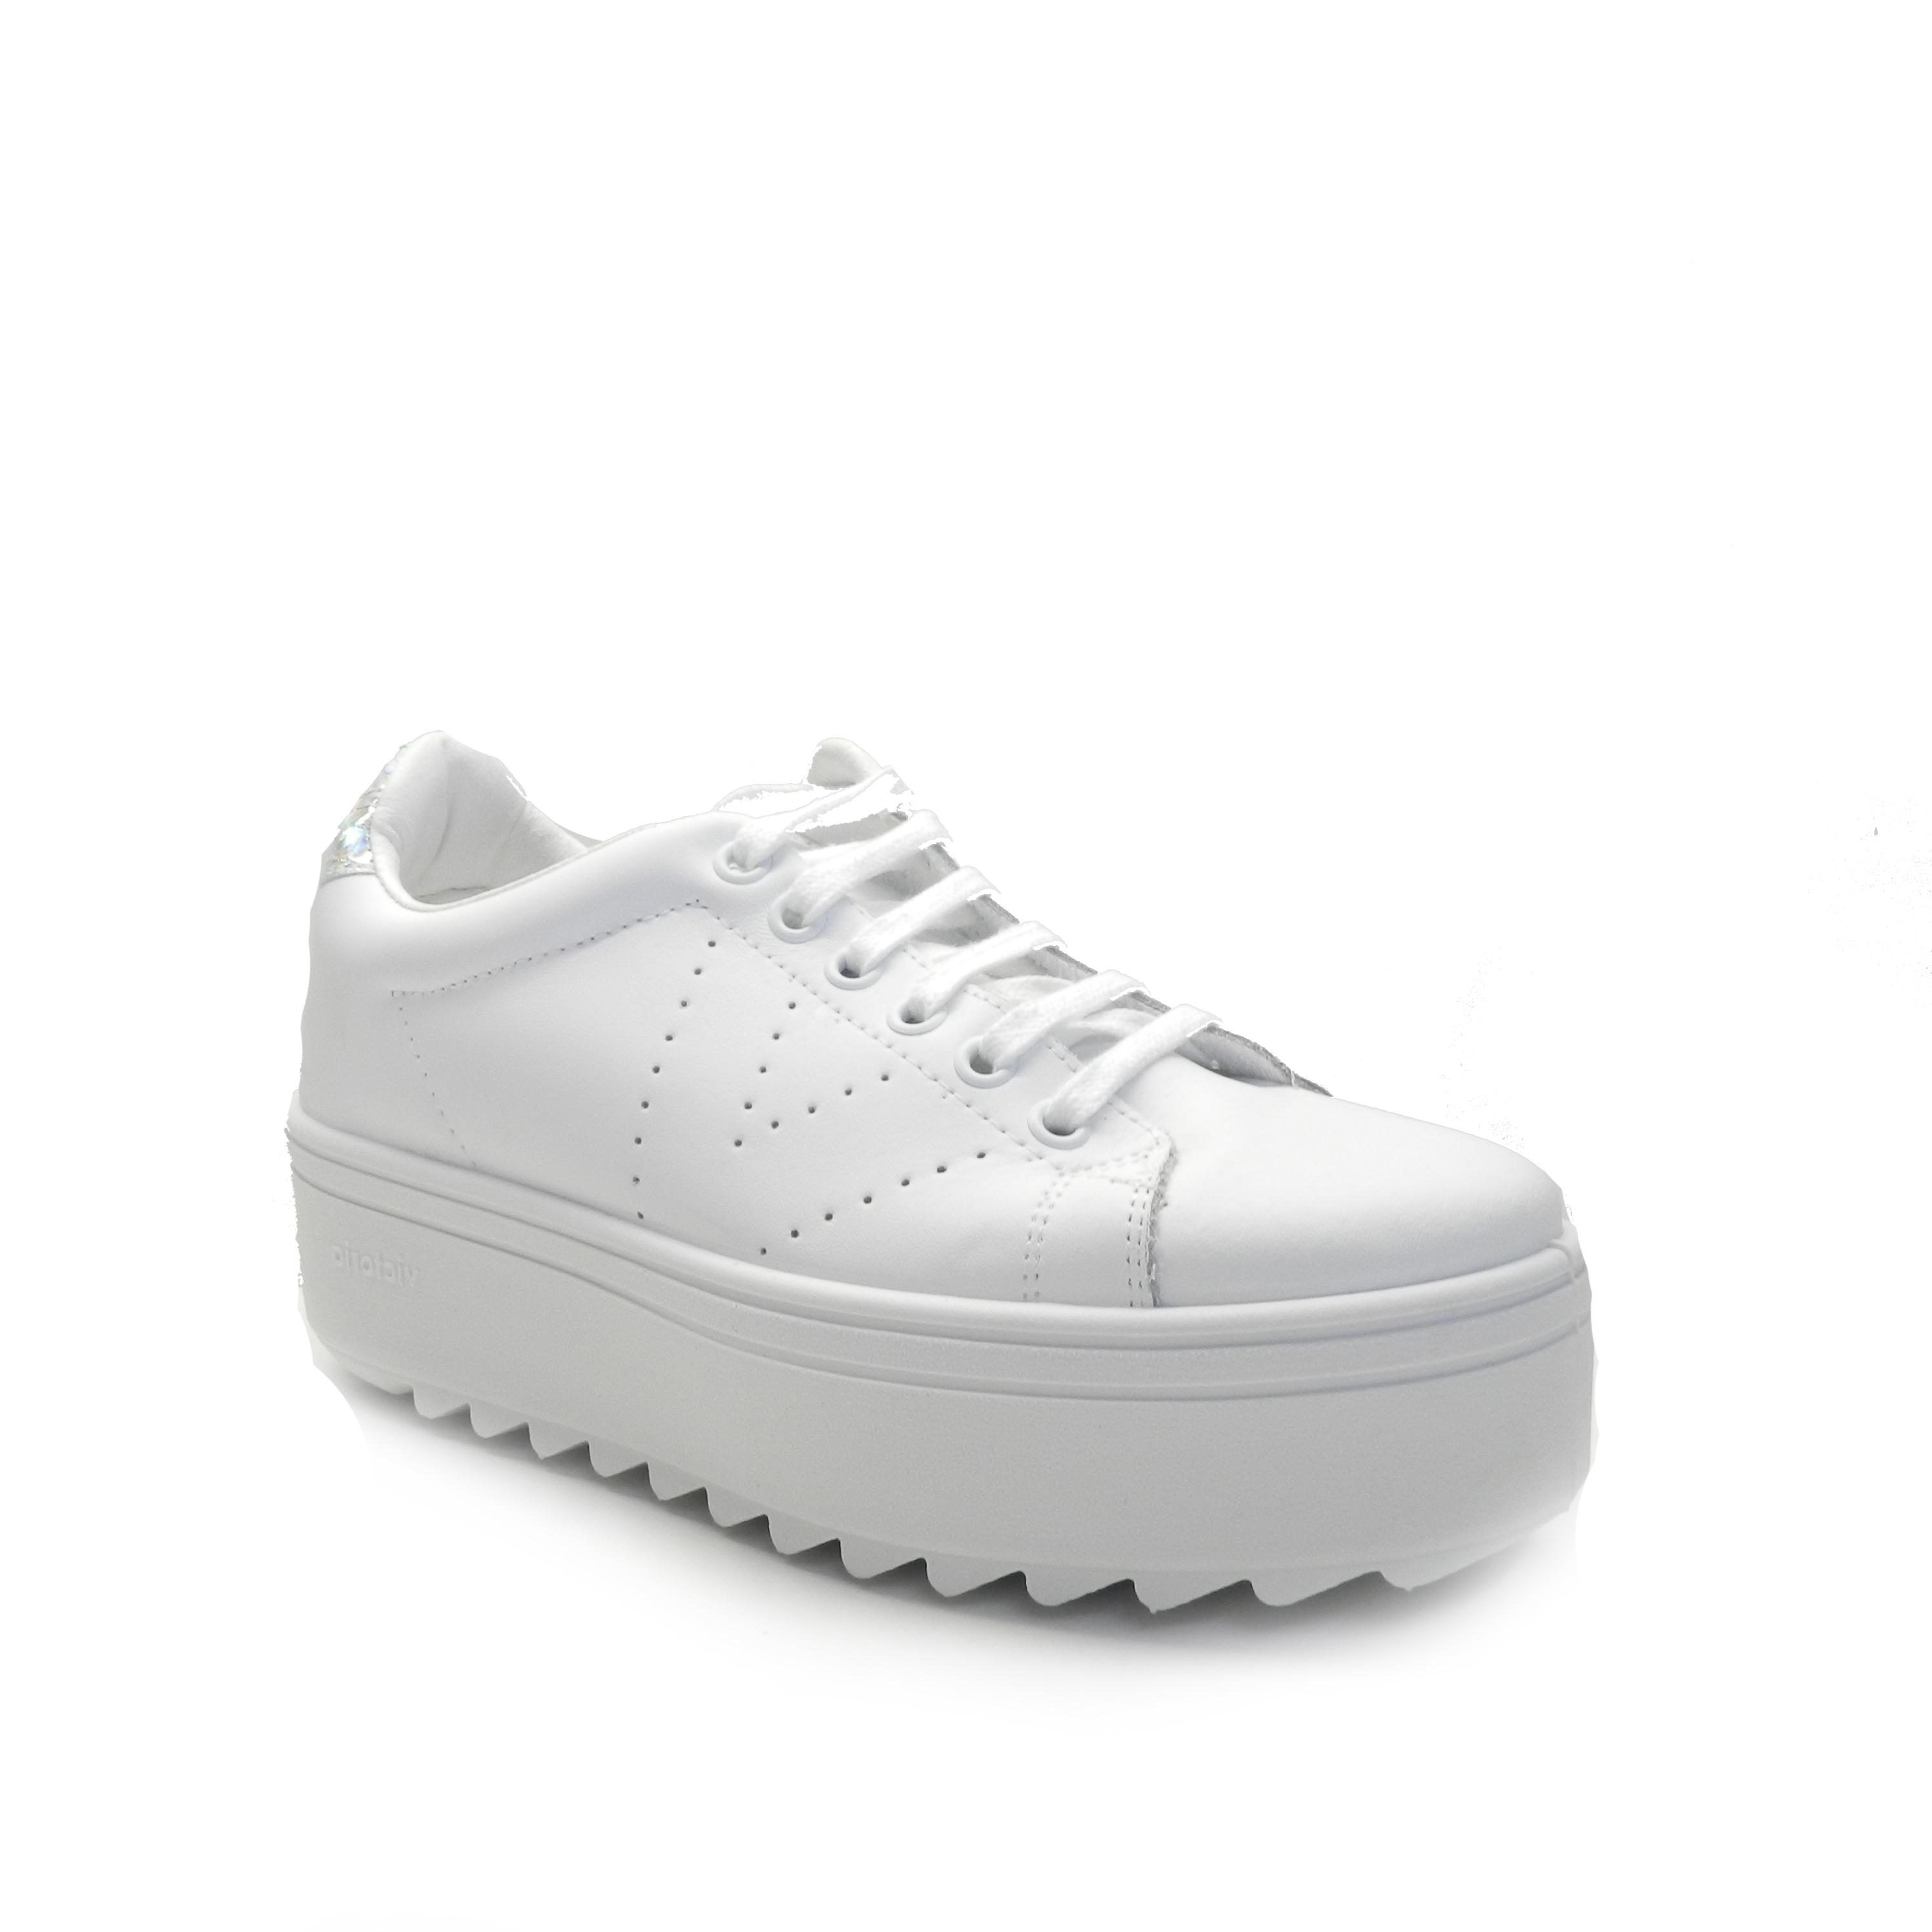 sneakers de napa en color blanco con plataforma dentada y cordones de la marca victoria.